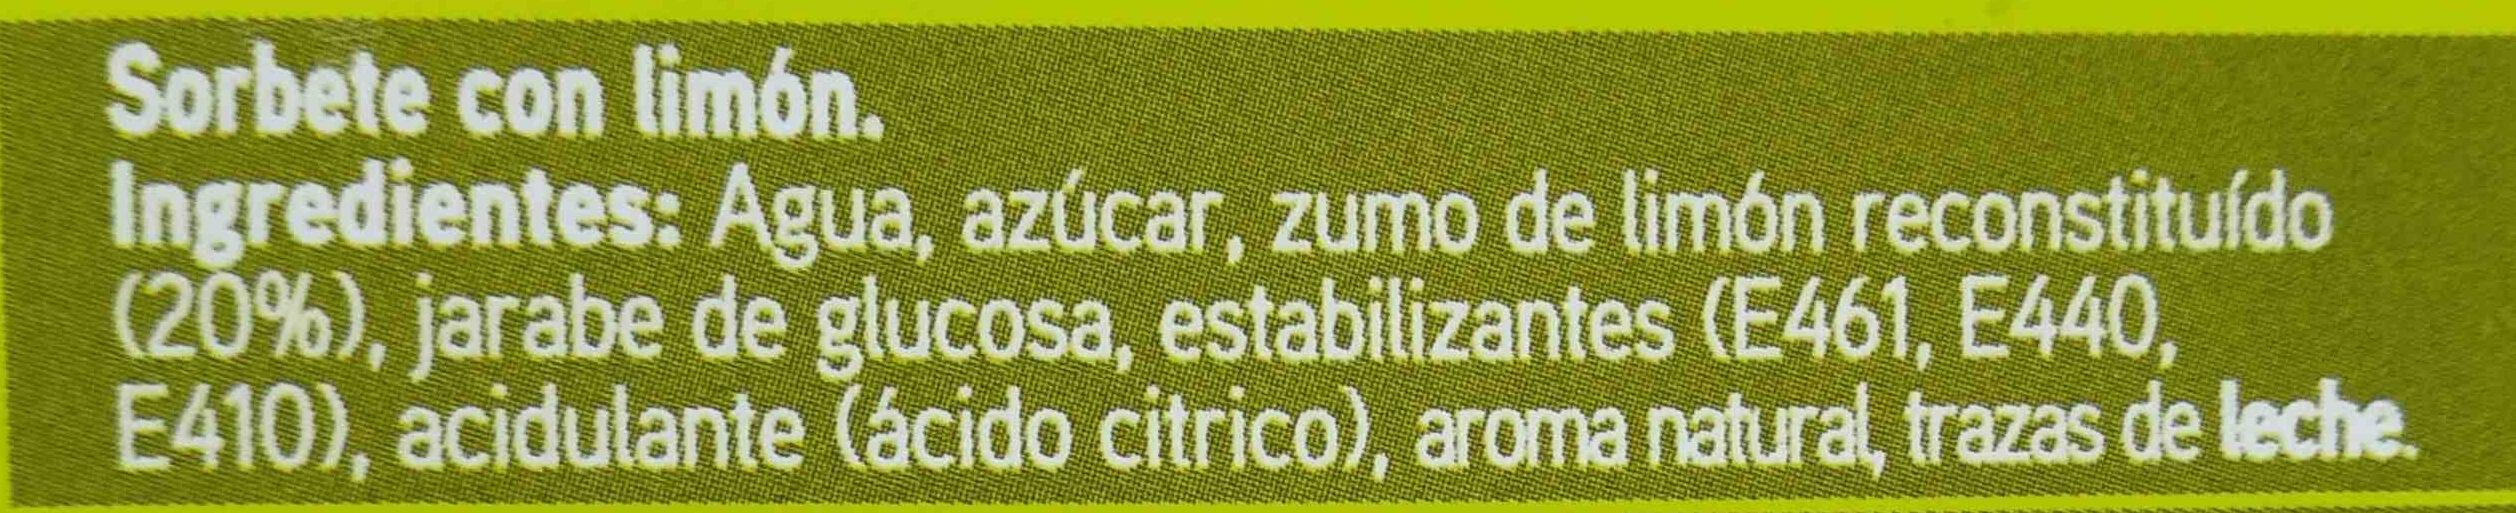 Sorbete de limon - Ingredientes - es